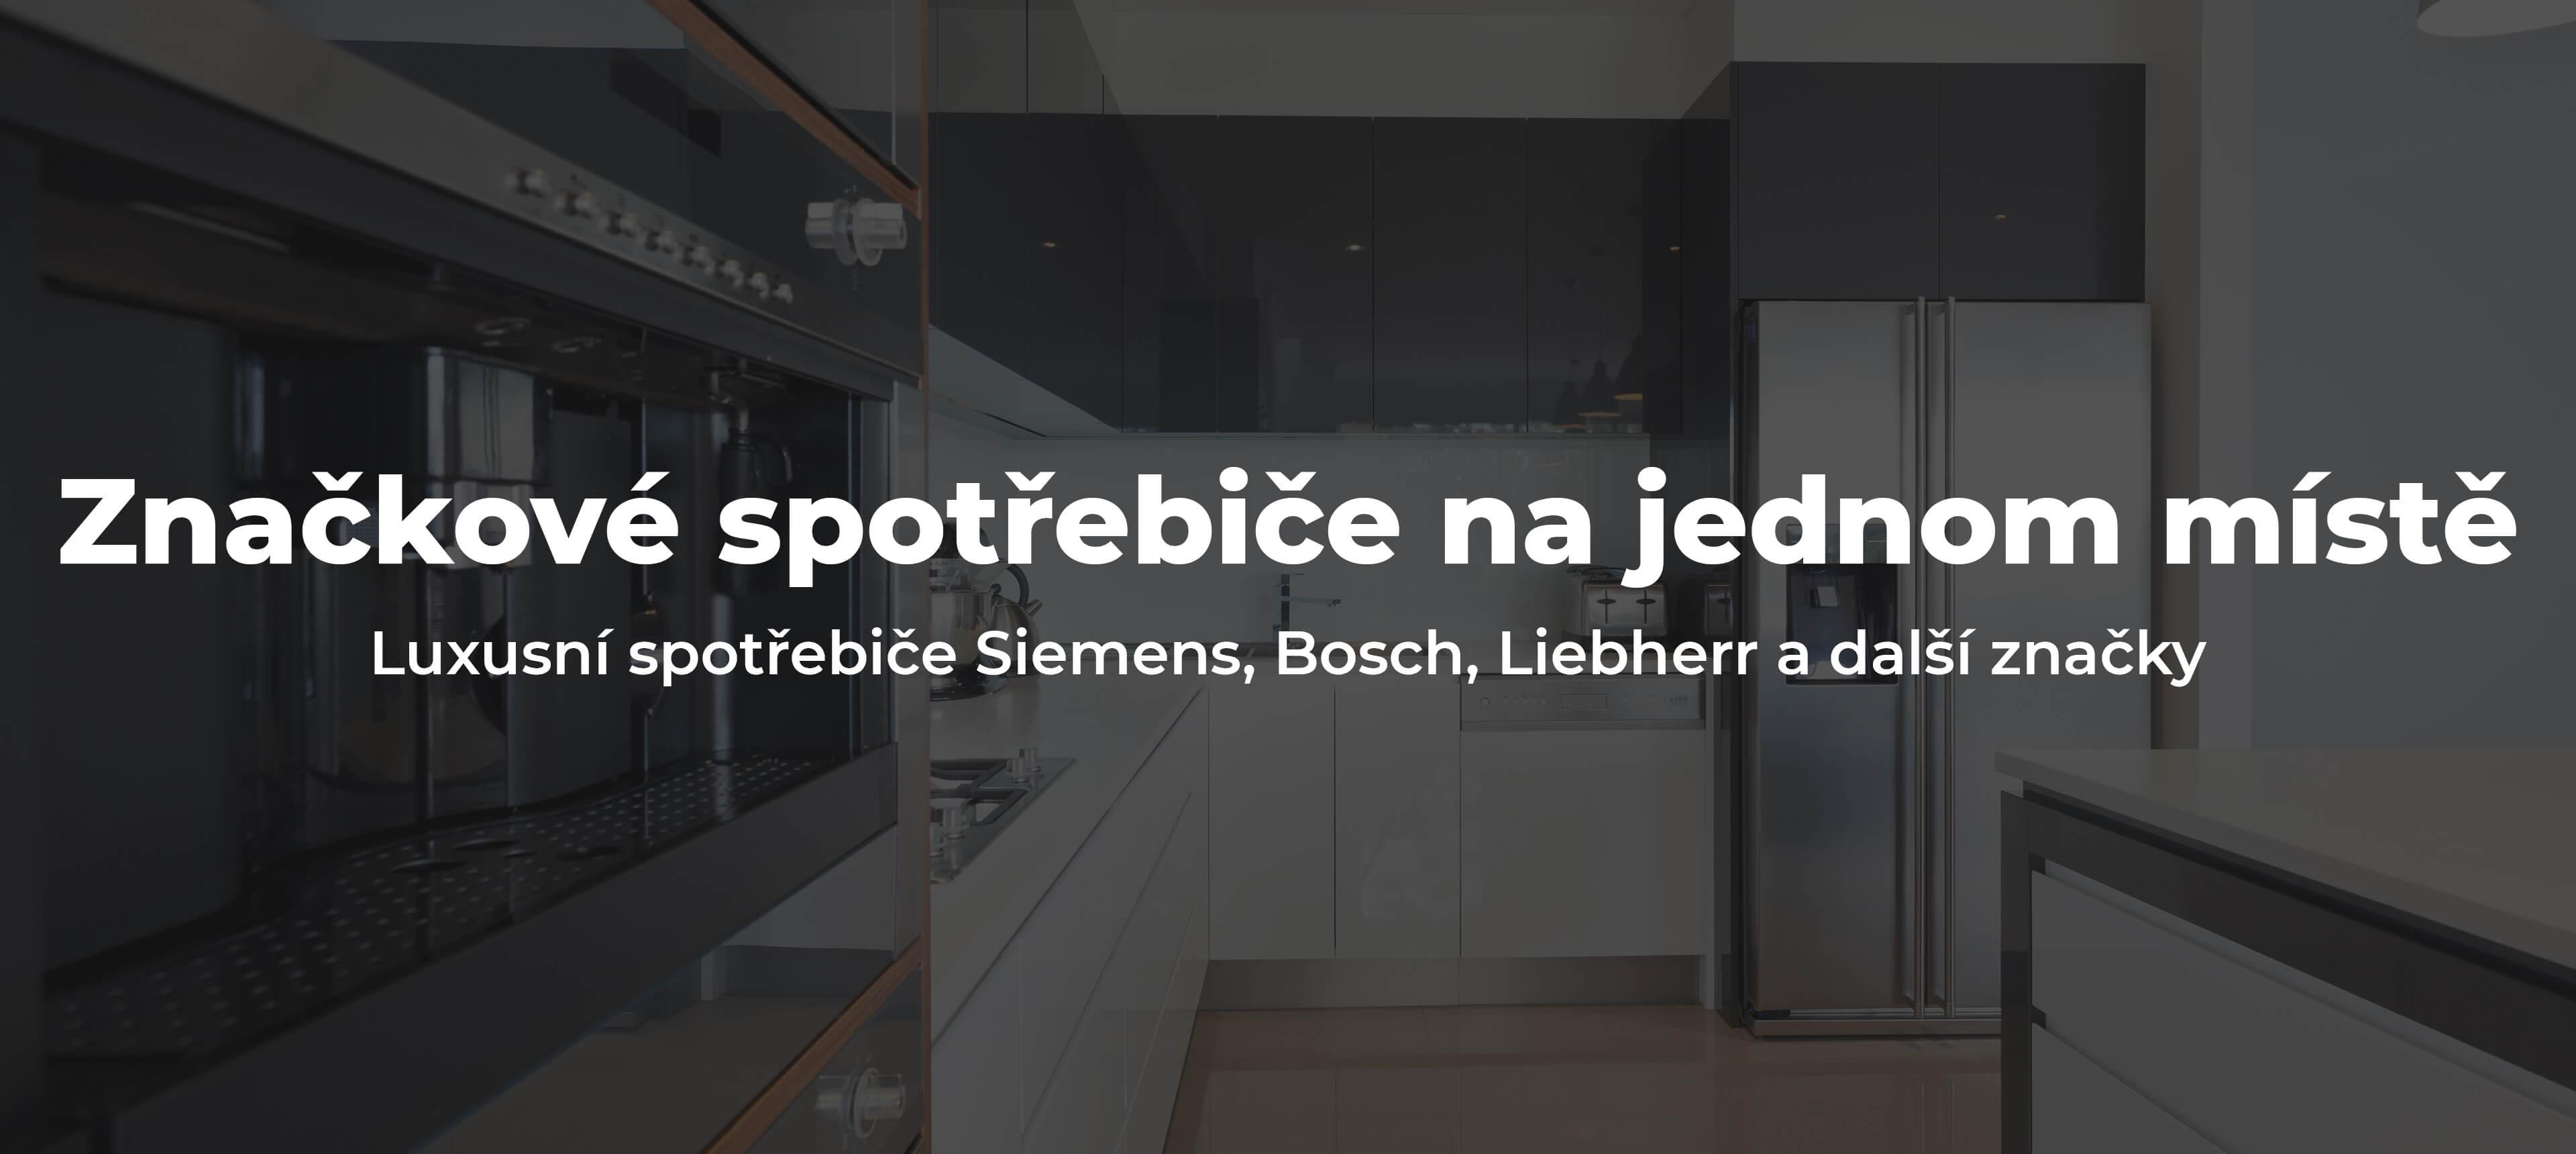 Značkové spotřebiče na jednom místě: luxusní spotřebiče Siemens, Bosch, Liebherr a další značky